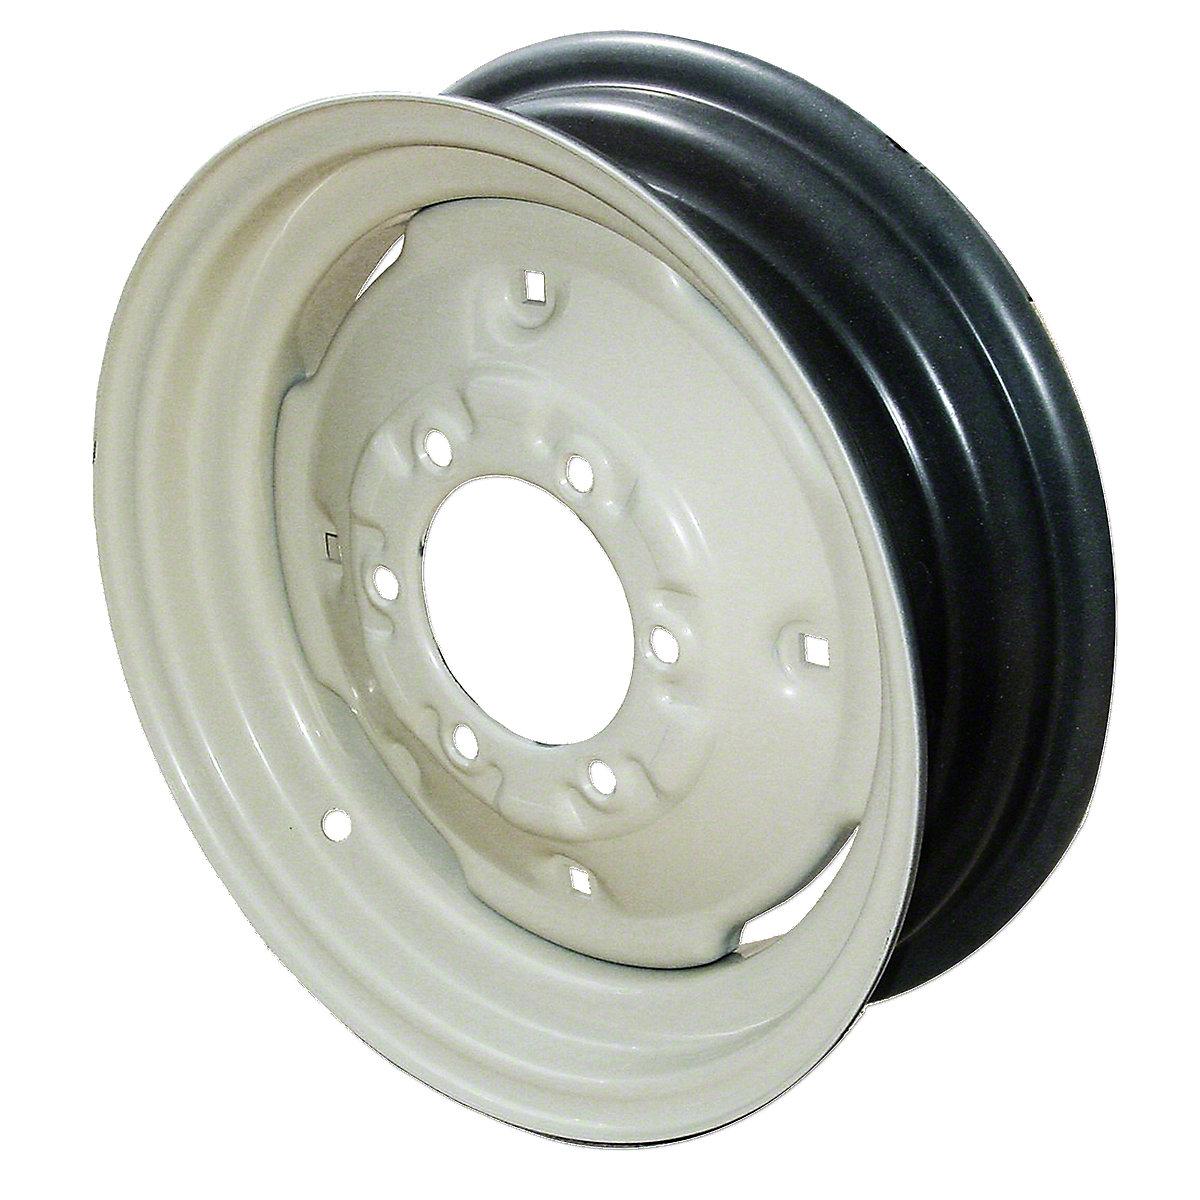 4.5X16 6 Lug Front Wheel For Allis Chalmers: 160, 170, 175, 180, 185, 190, 190XT, 6060, 6070, D15, D17, D19.